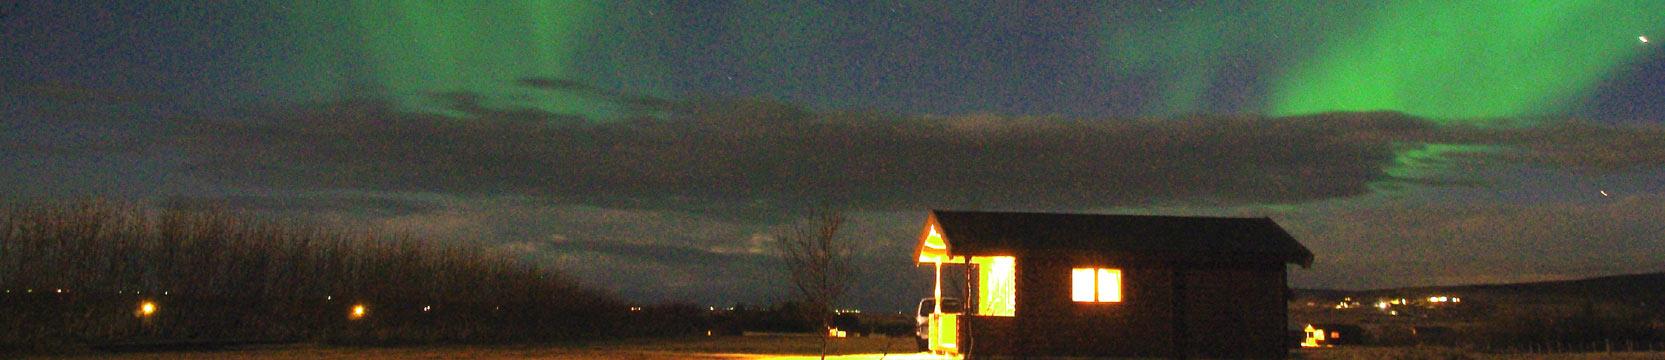 auroras boreales-islandia-navidad